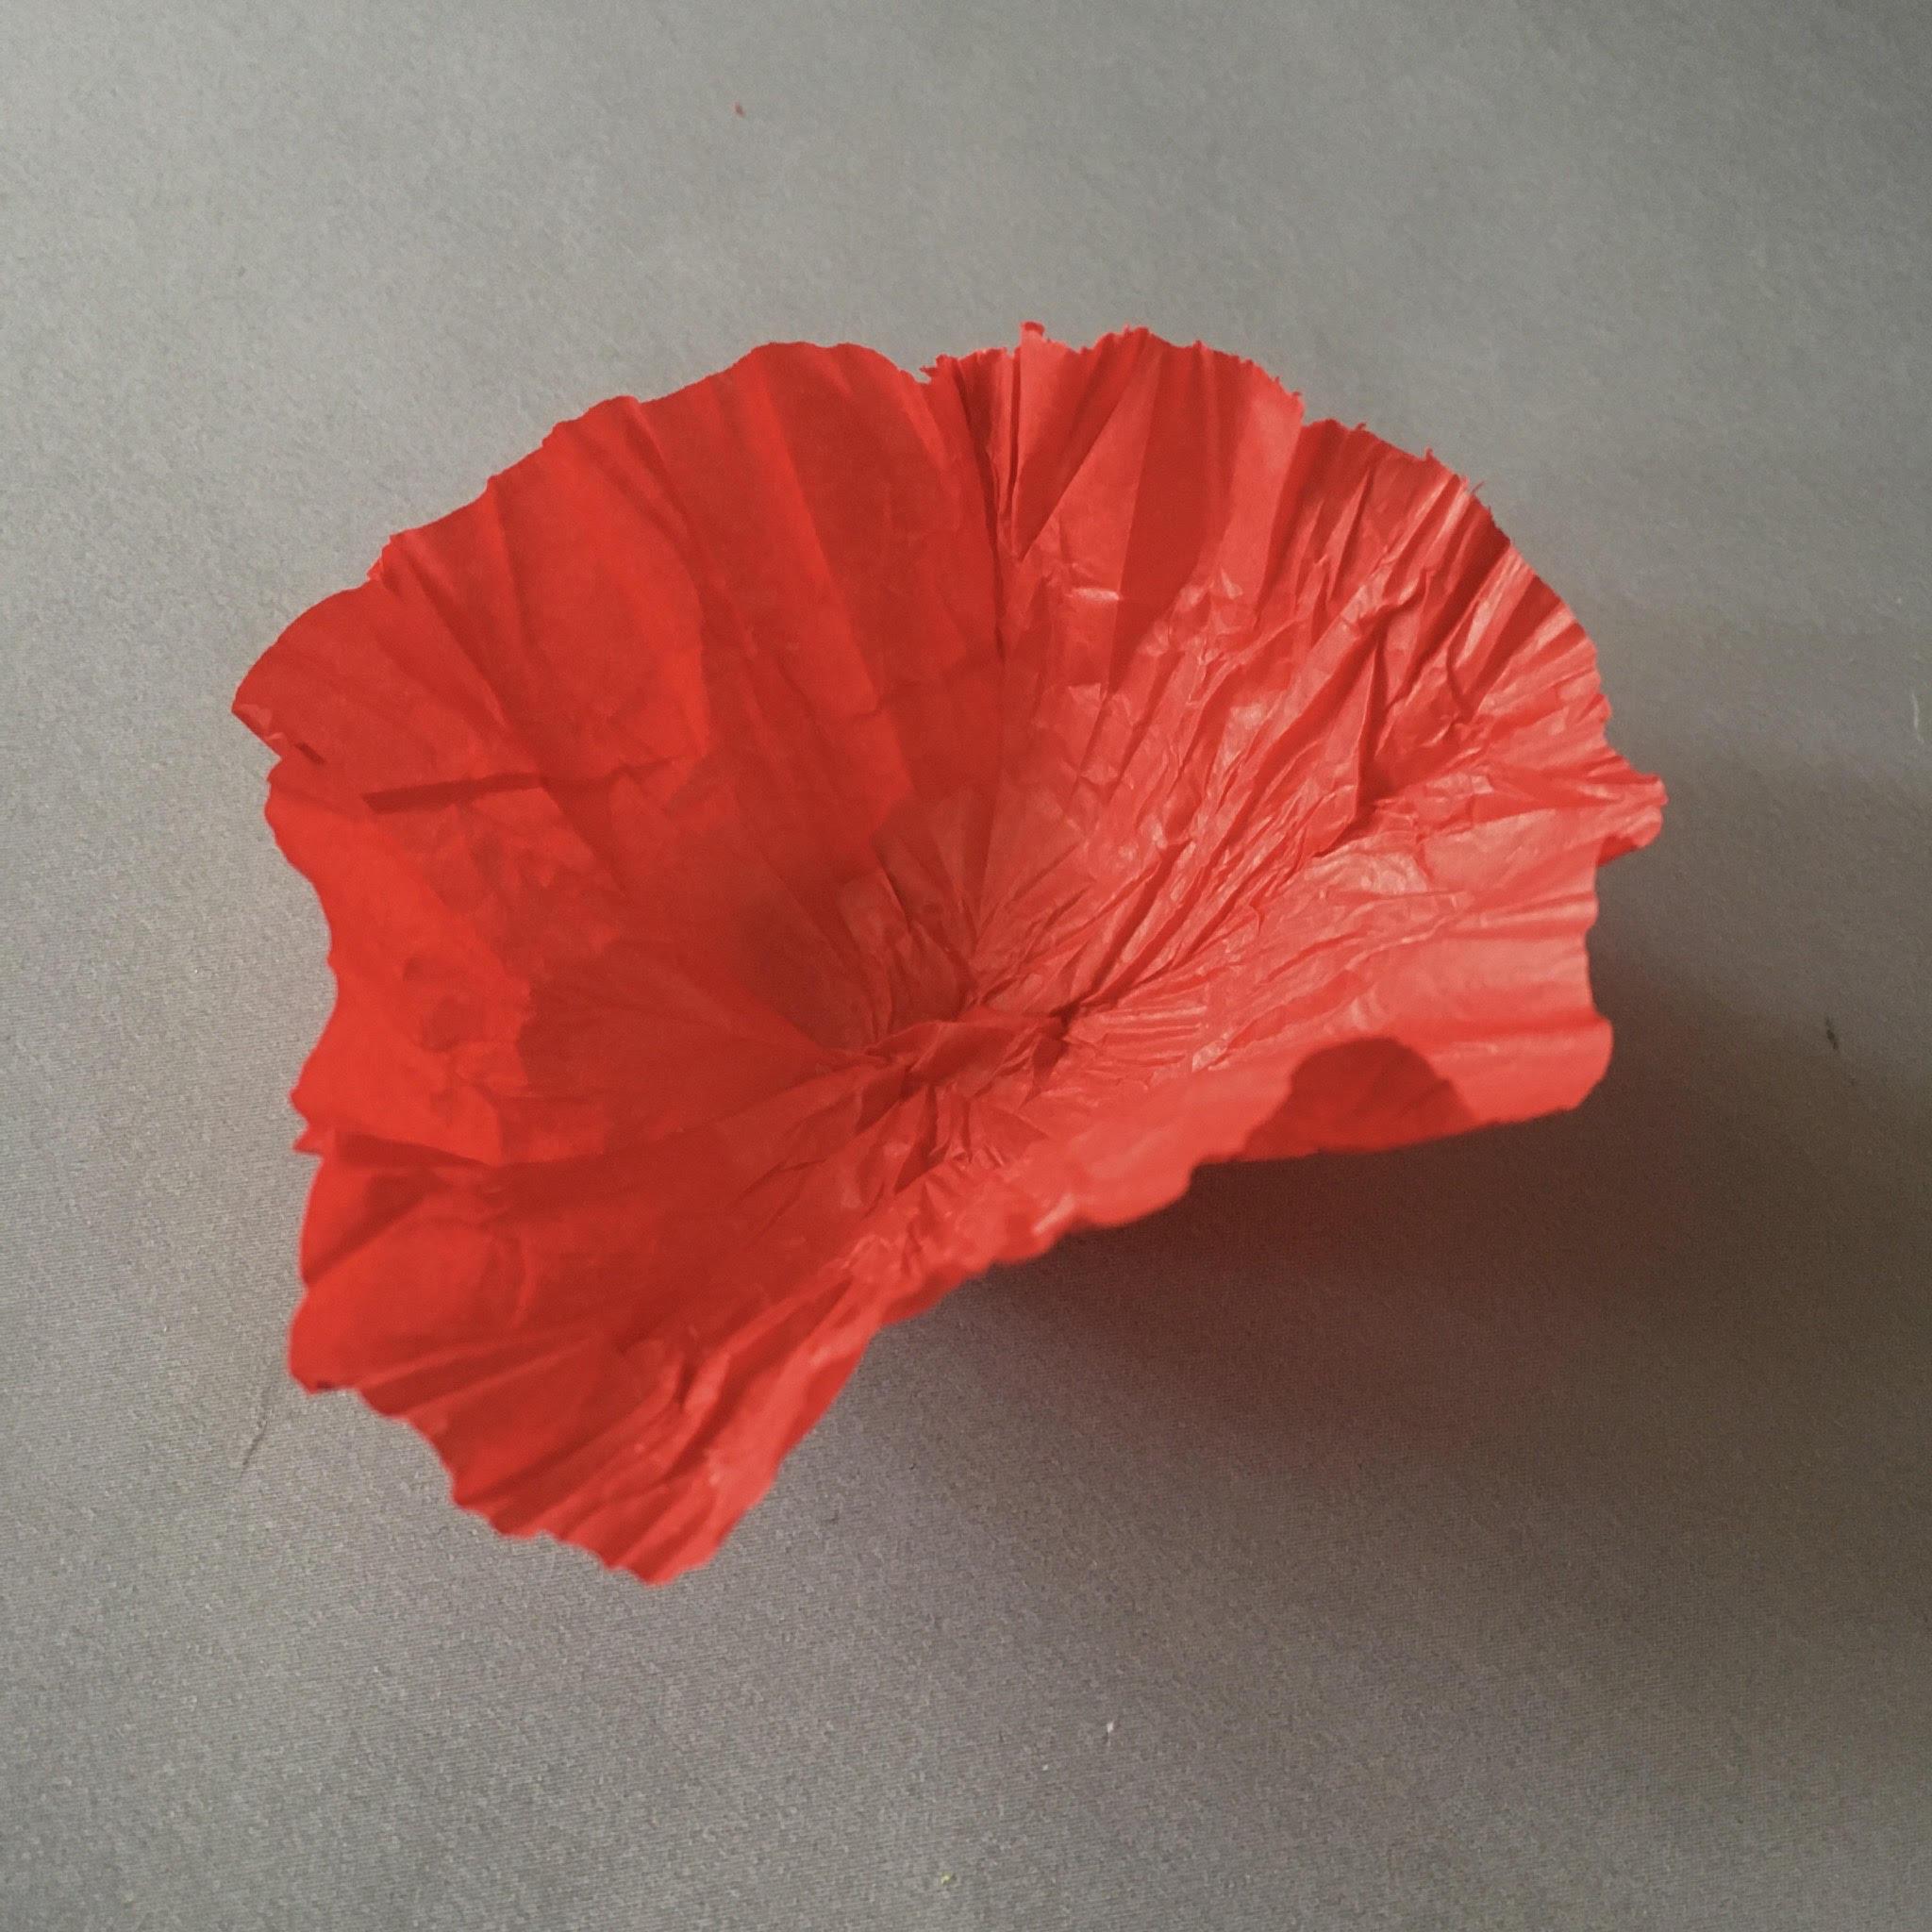 ANZAC poppy flowers DIY